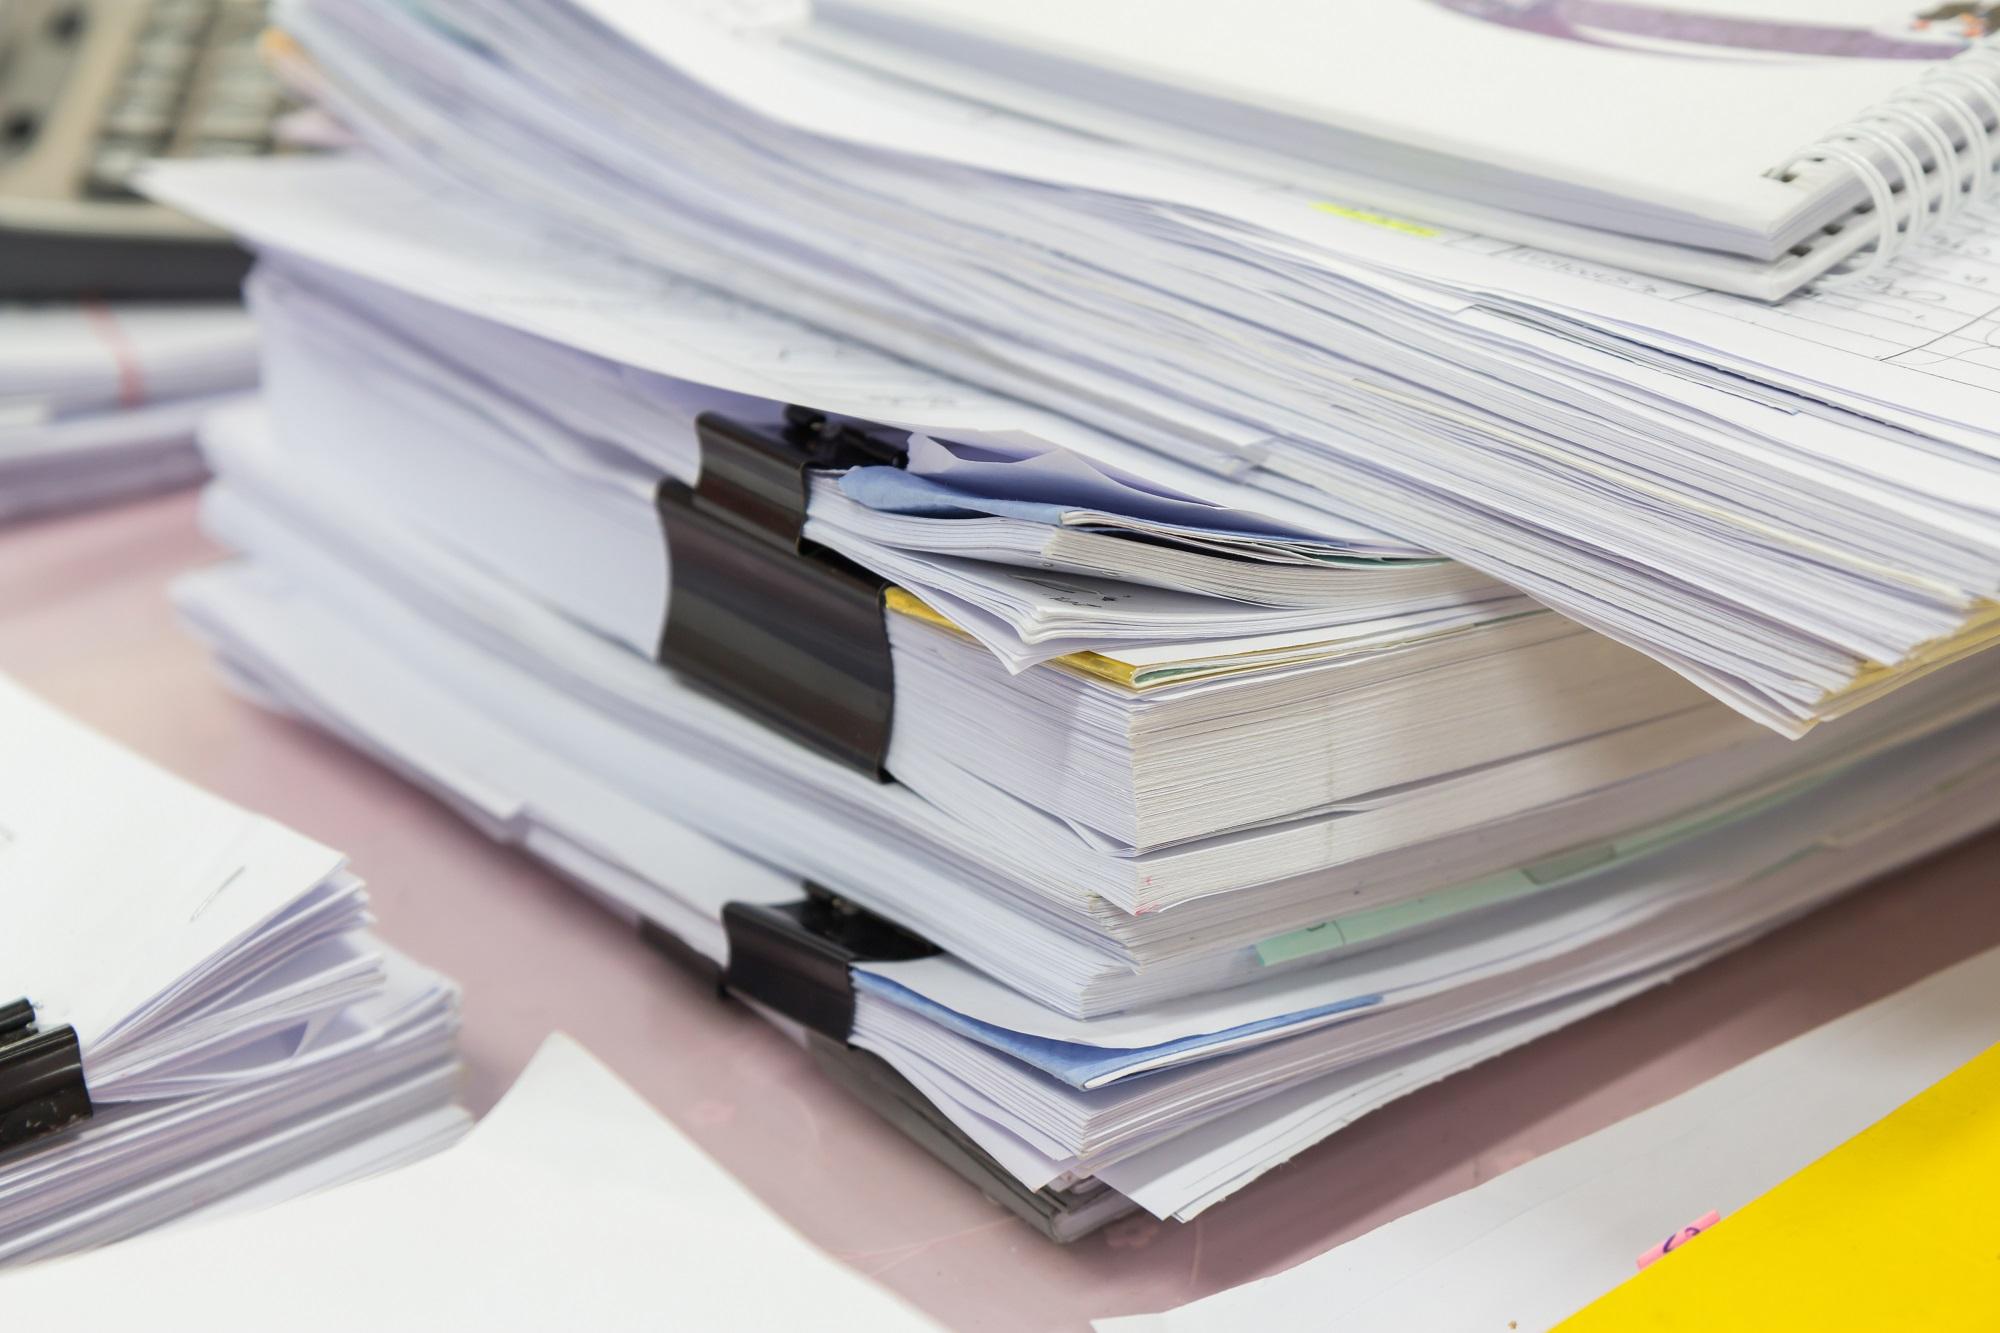 Trier et conserver ses papiers administratifs : ce qu'il faut savoir